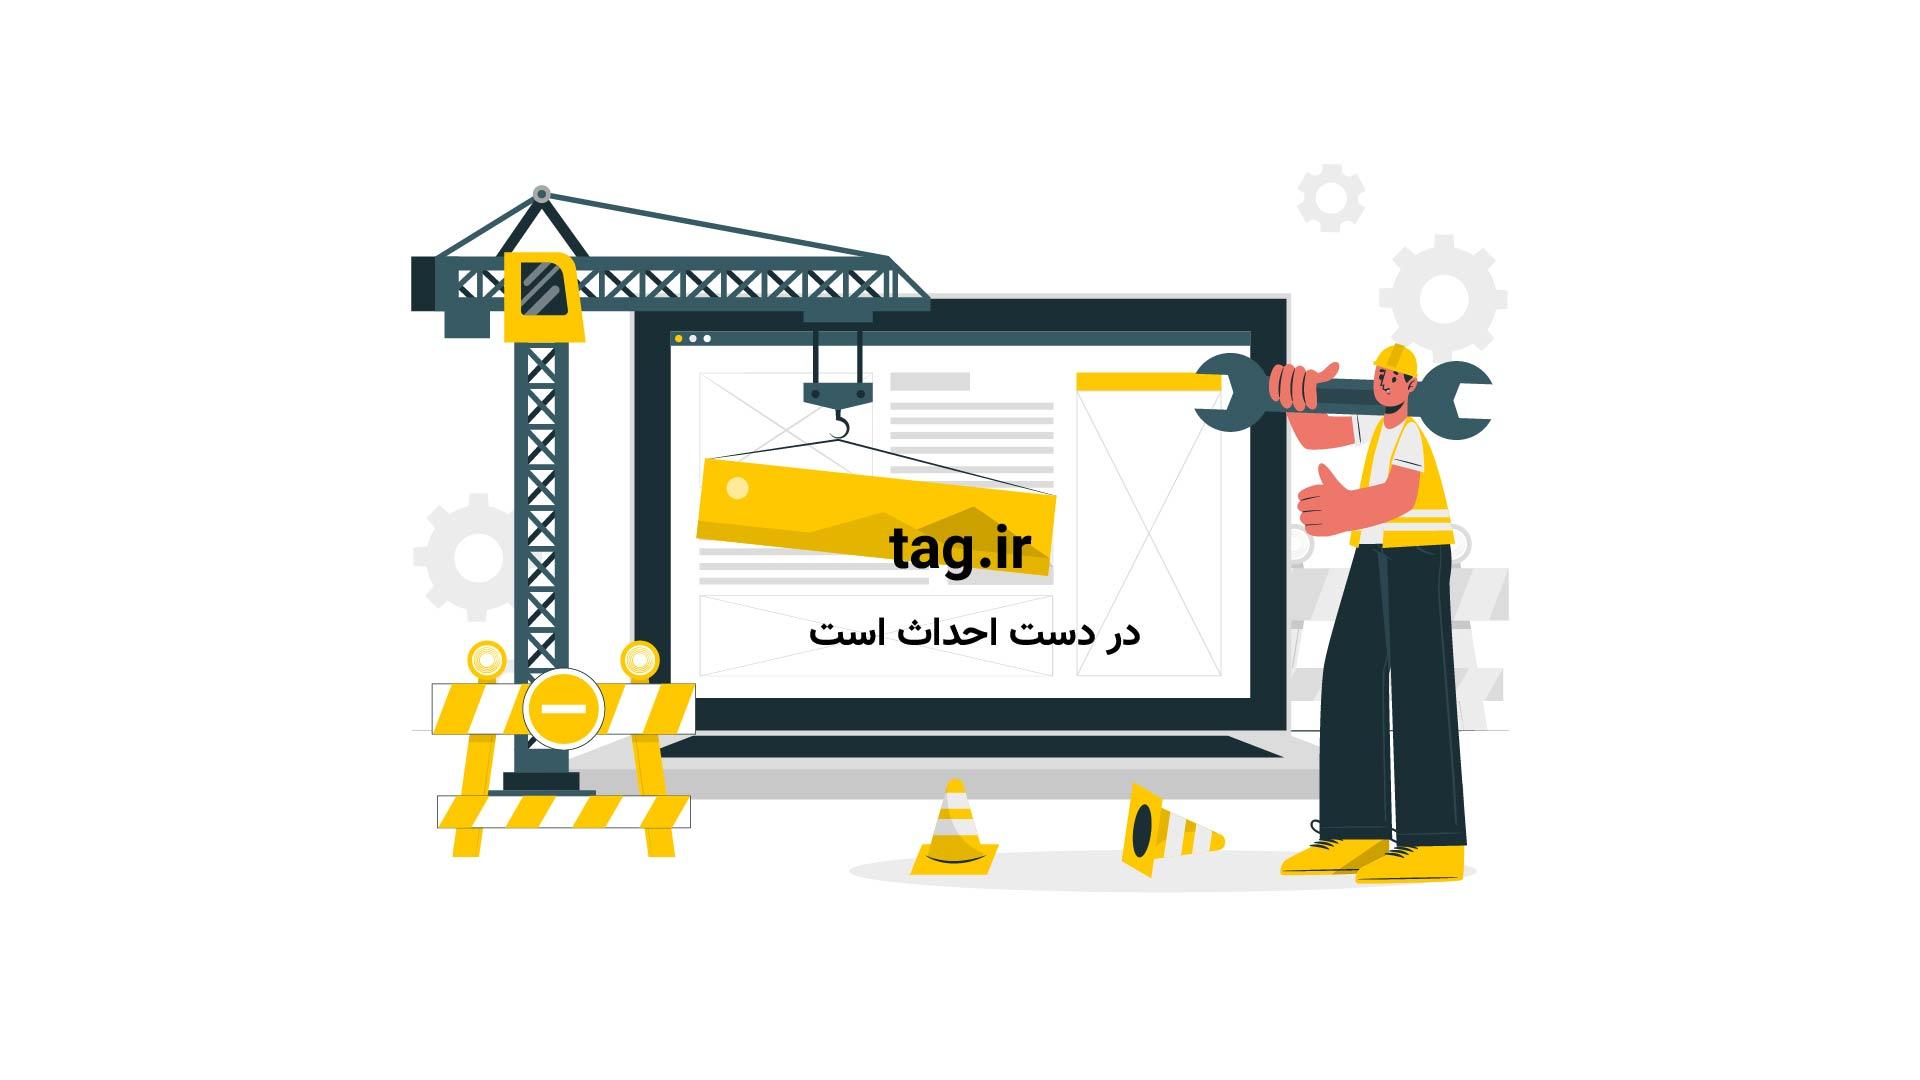 دعای روز بیست و هفتم ماه رمضان | تگ